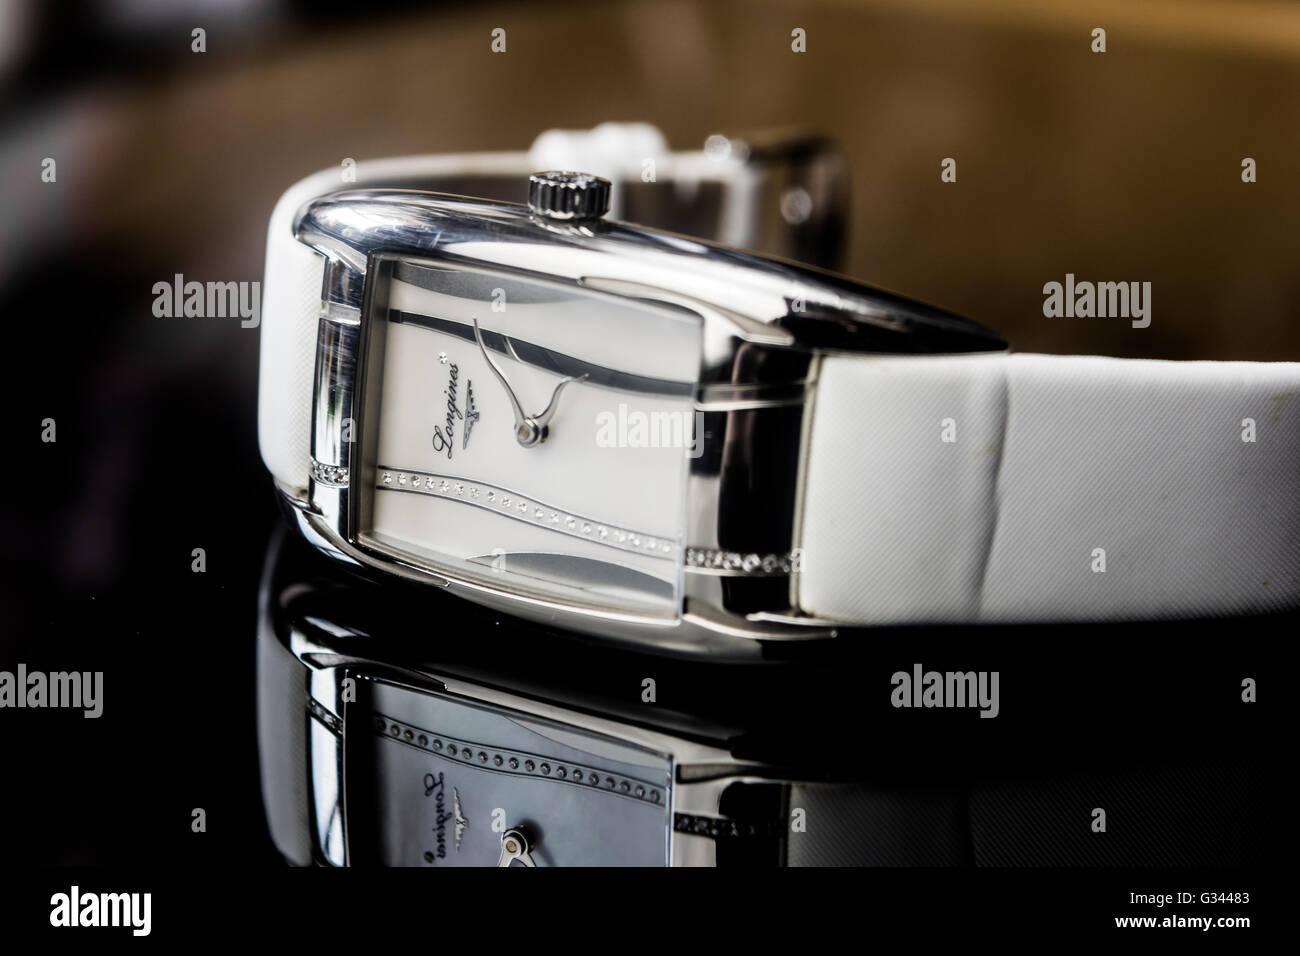 Longines ladies luxury watch jewellery Stock Photo